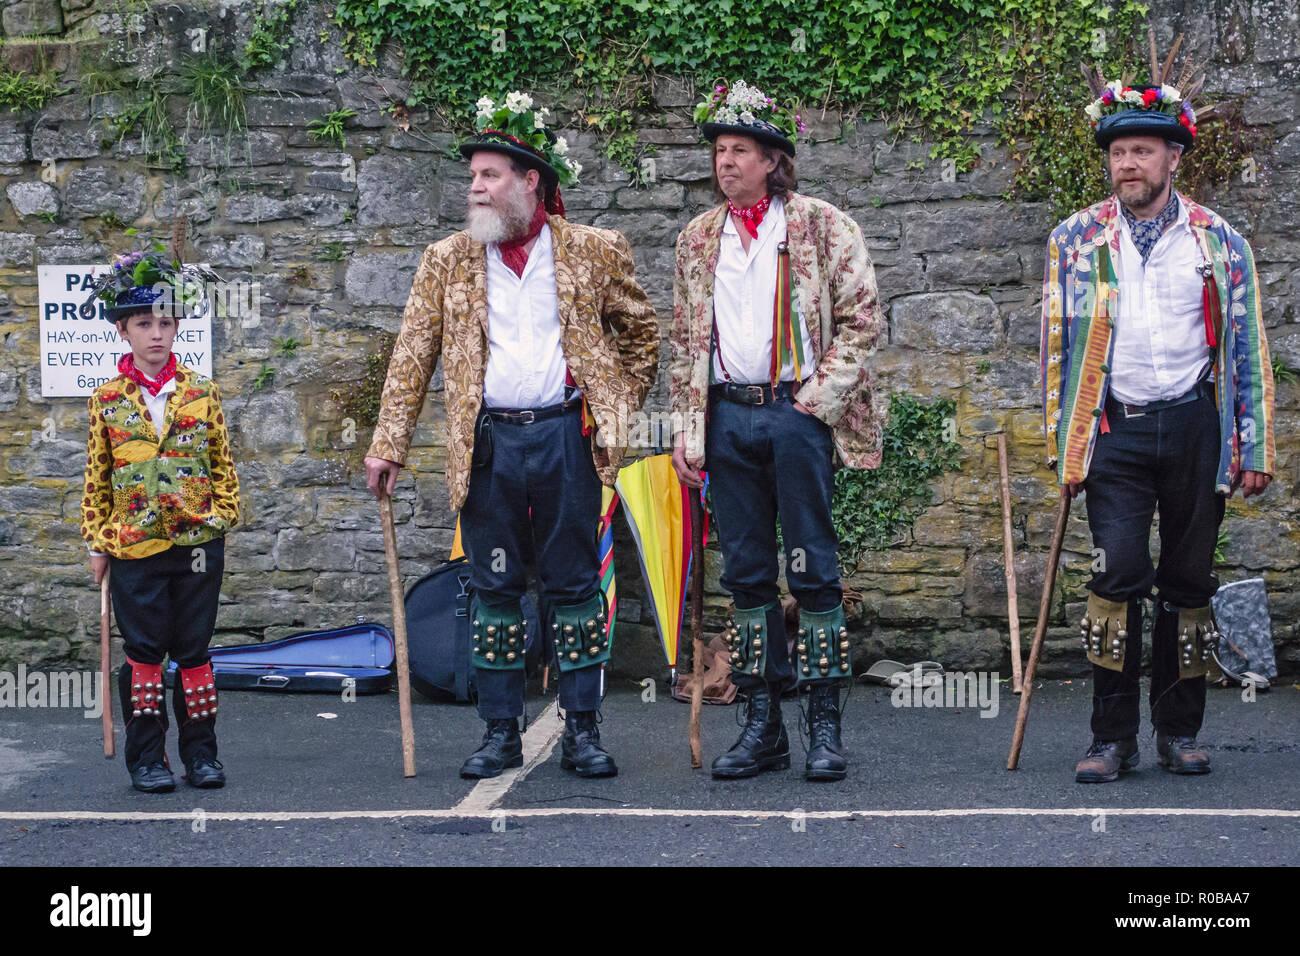 Hay-on-Wye, Powys, Wales, Regno Unito. Morris ballerini (3 uomini e un ragazzo) in costume tradizionale in attesa di danza nella piazza della città Immagini Stock